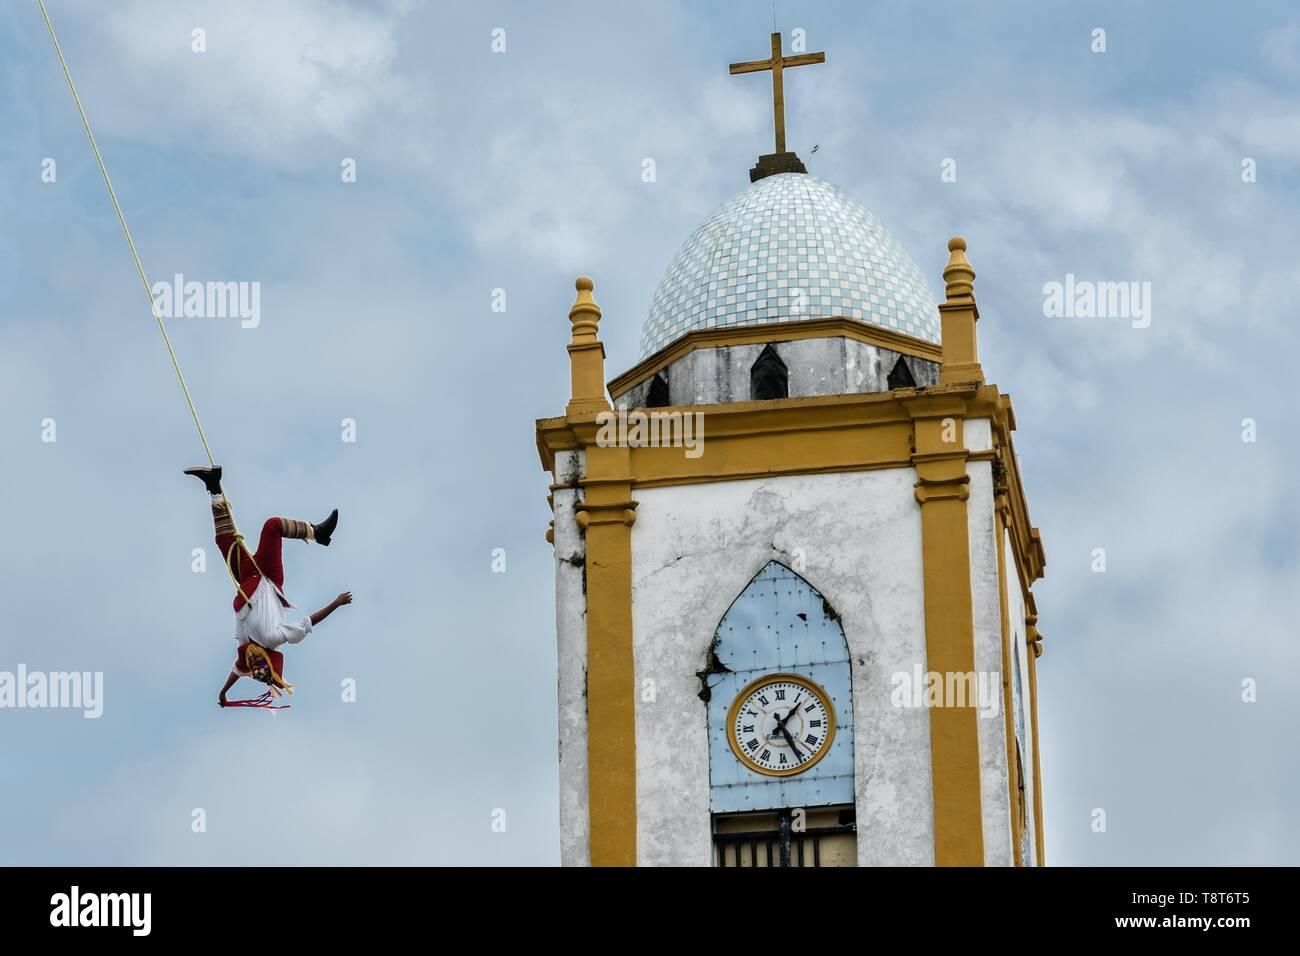 Volador lleva a cabo delante de la Iglesia de la Asunción en Papantla, Veracruz, México. La Danza de los voladores es un indígena totonaco ceremonia en la que participaron cinco participantes que suban un palo de treinta metros. Cuatro de estas cuerdas de amarre alrededor de su cintura y el viento el otro extremo alrededor de la parte superior del poste para descender a la tierra. El quinto participante permanece en la parte superior del poste, tocando la flauta y un pequeño tambor. La ceremonia ha sido inscrito como Obra Maestra del Patrimonio Oral e Inmaterial de la Humanidad por la UNESCO. Imagen De Stock